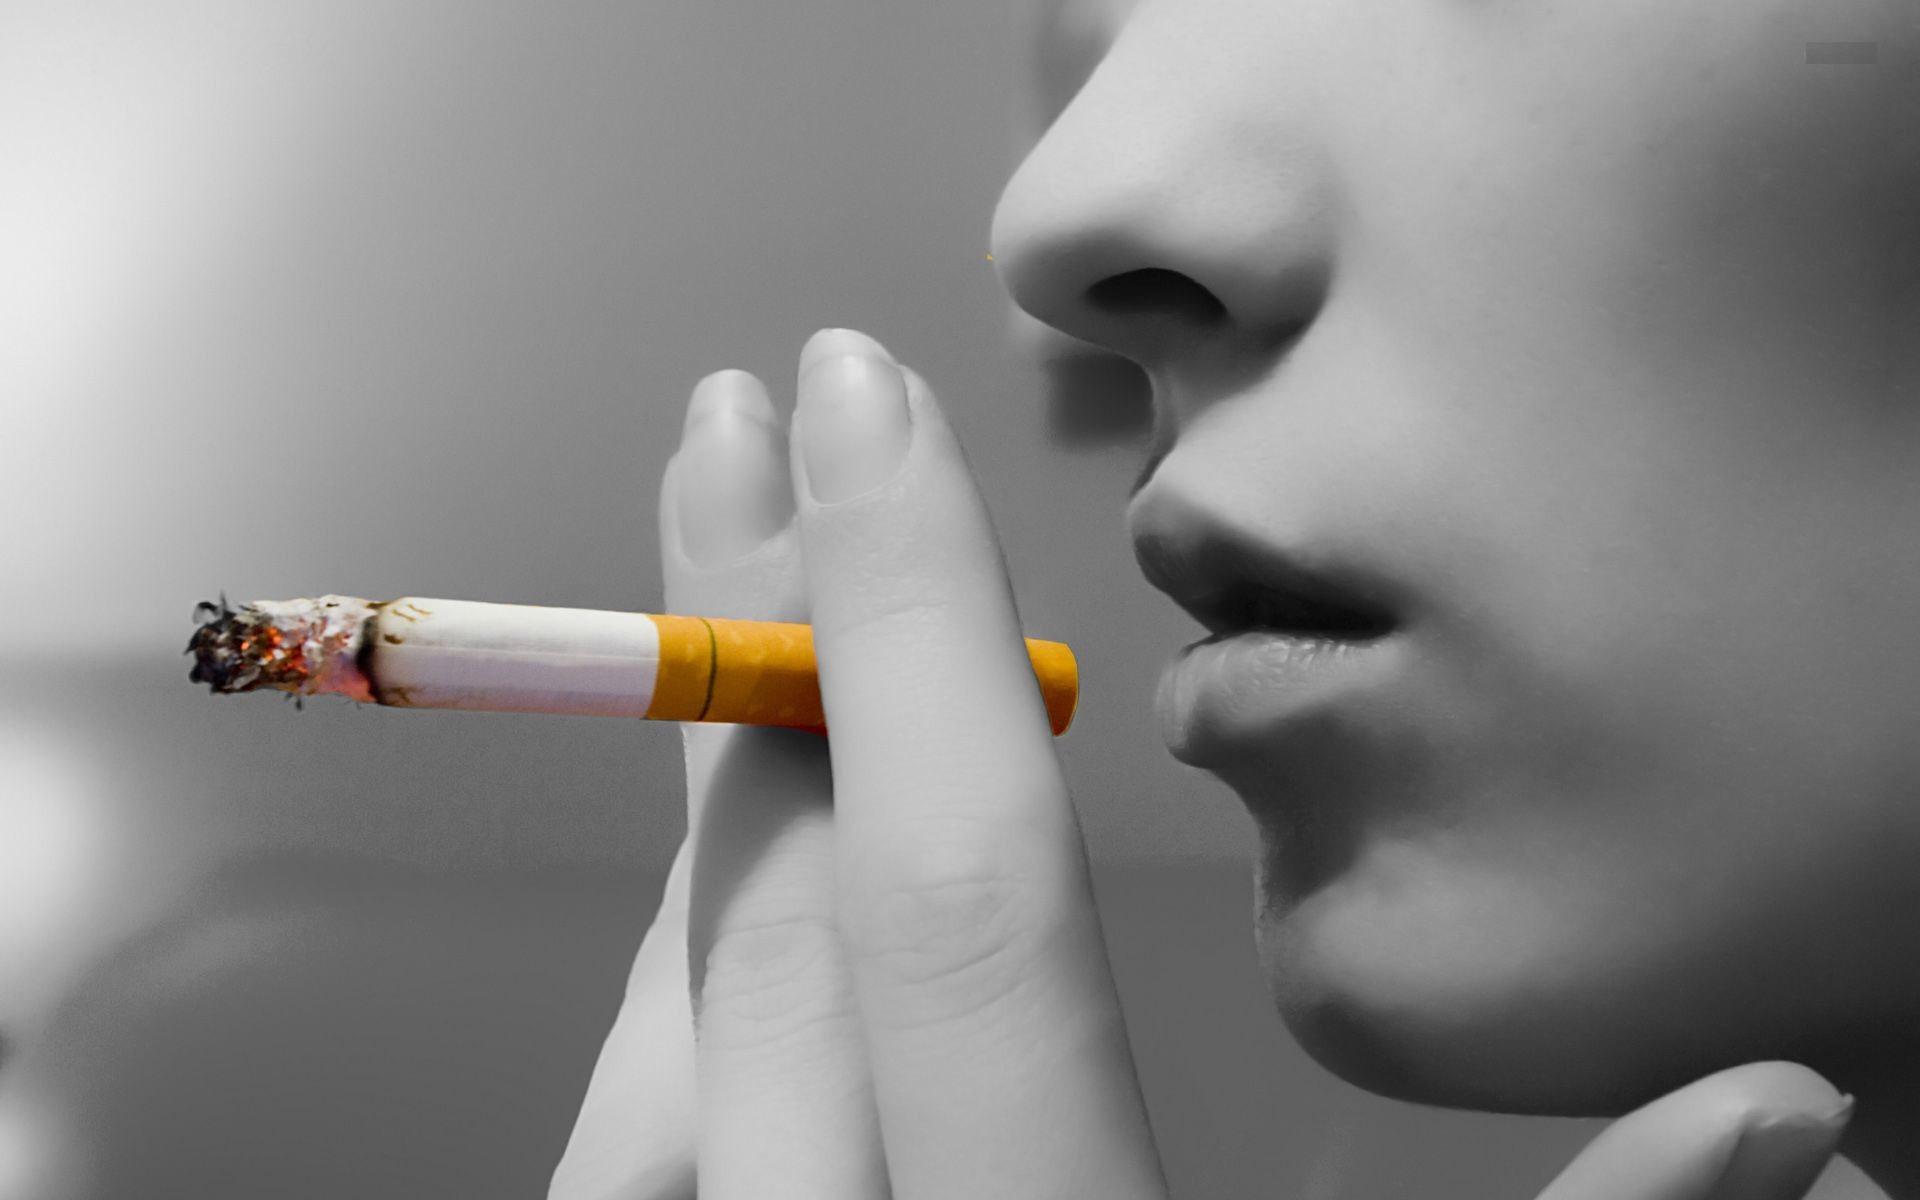 К чему сниться купить сигареты жидкости для электронные сигареты оптом